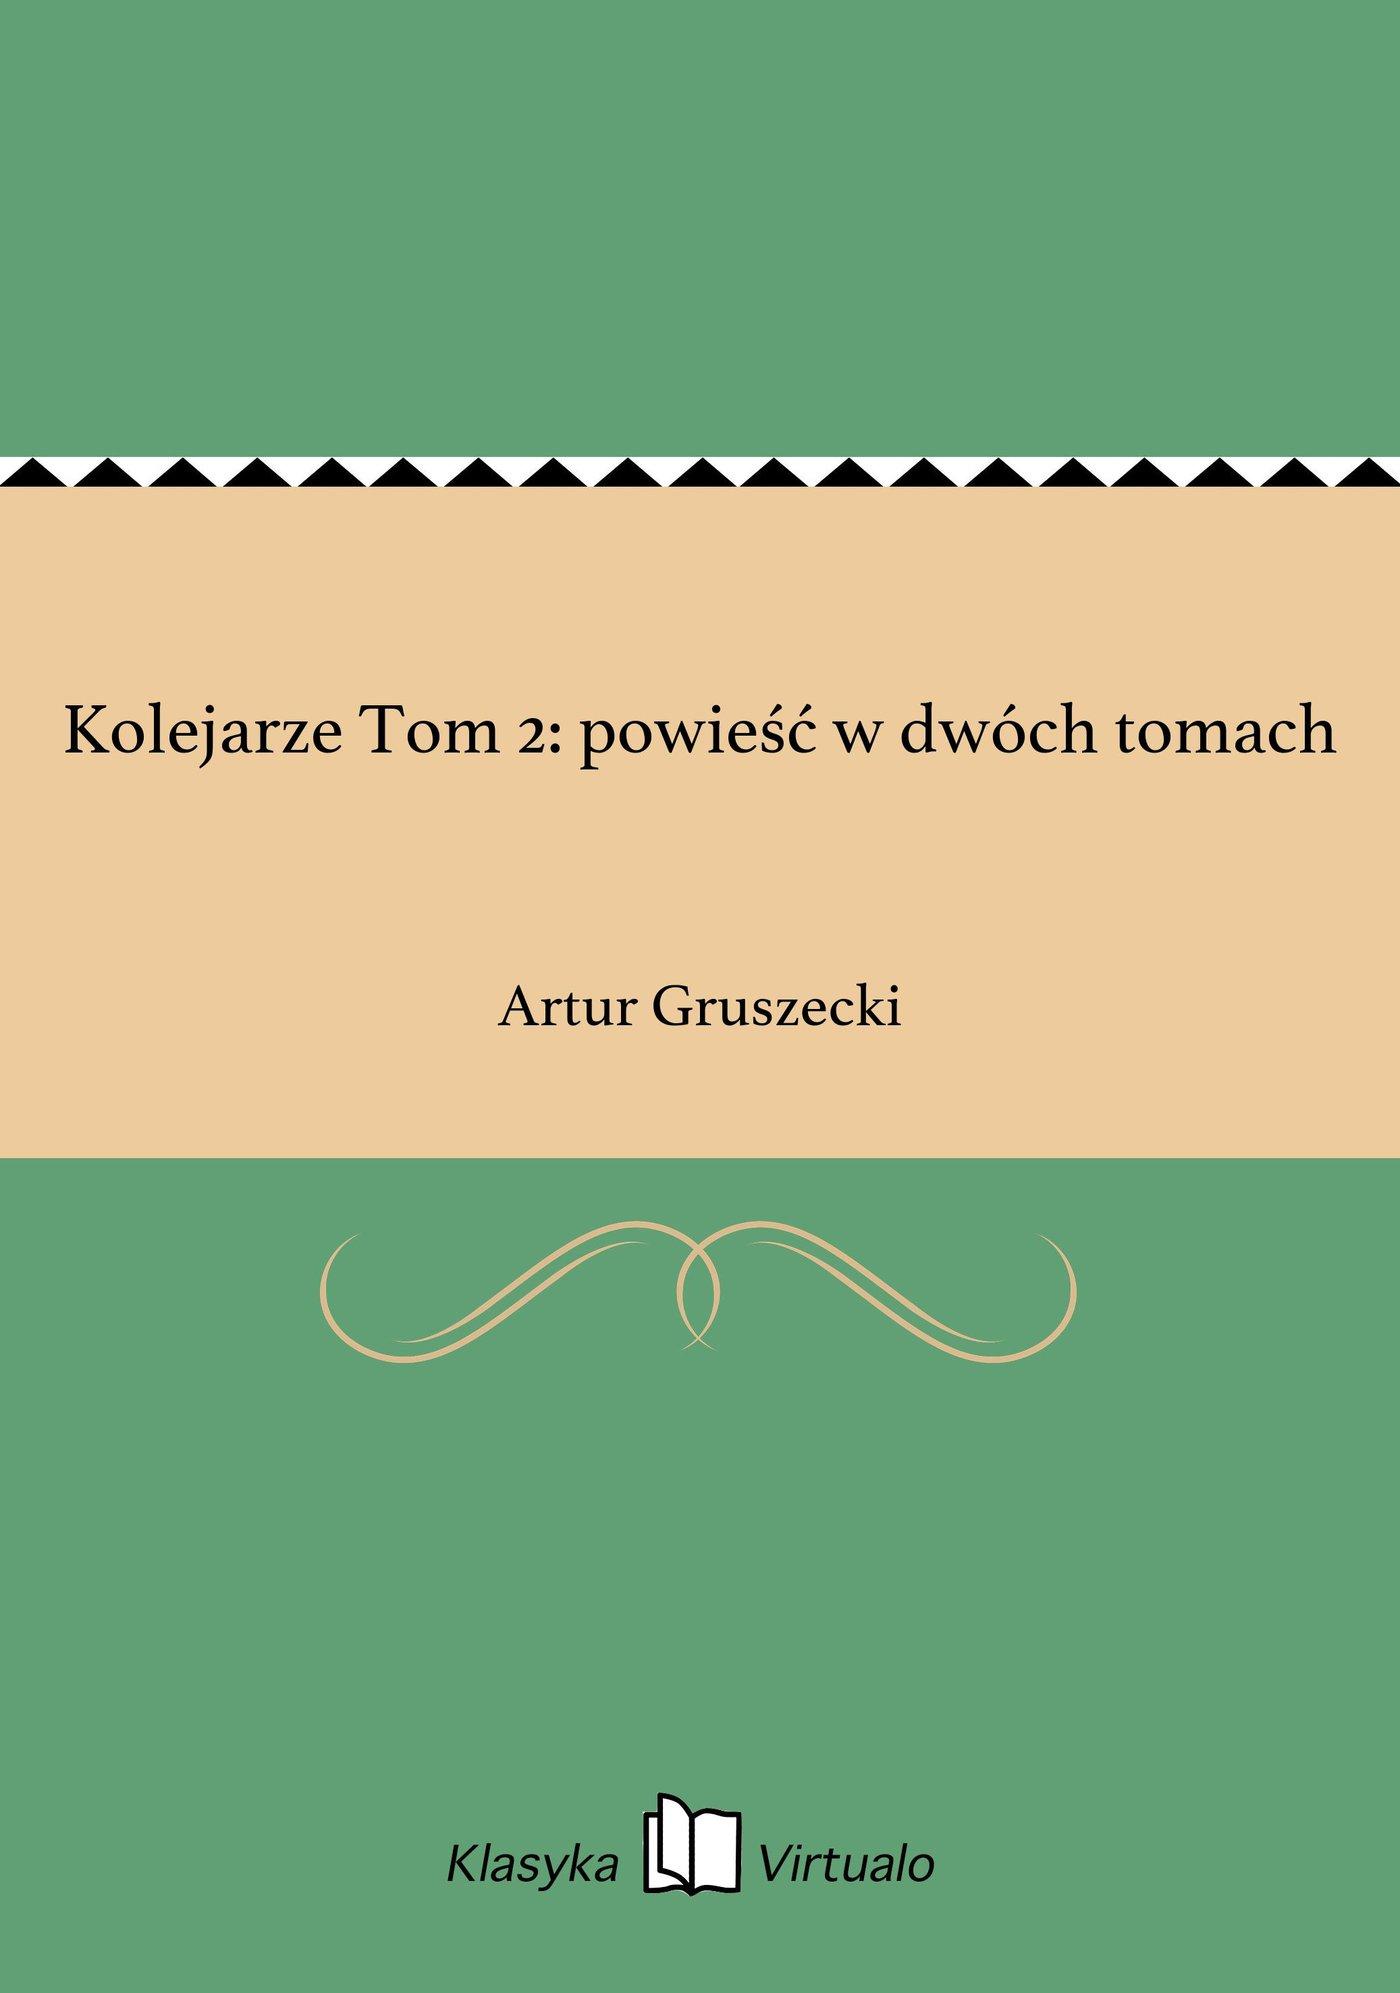 Kolejarze Tom 2: powieść w dwóch tomach - Ebook (Książka EPUB) do pobrania w formacie EPUB